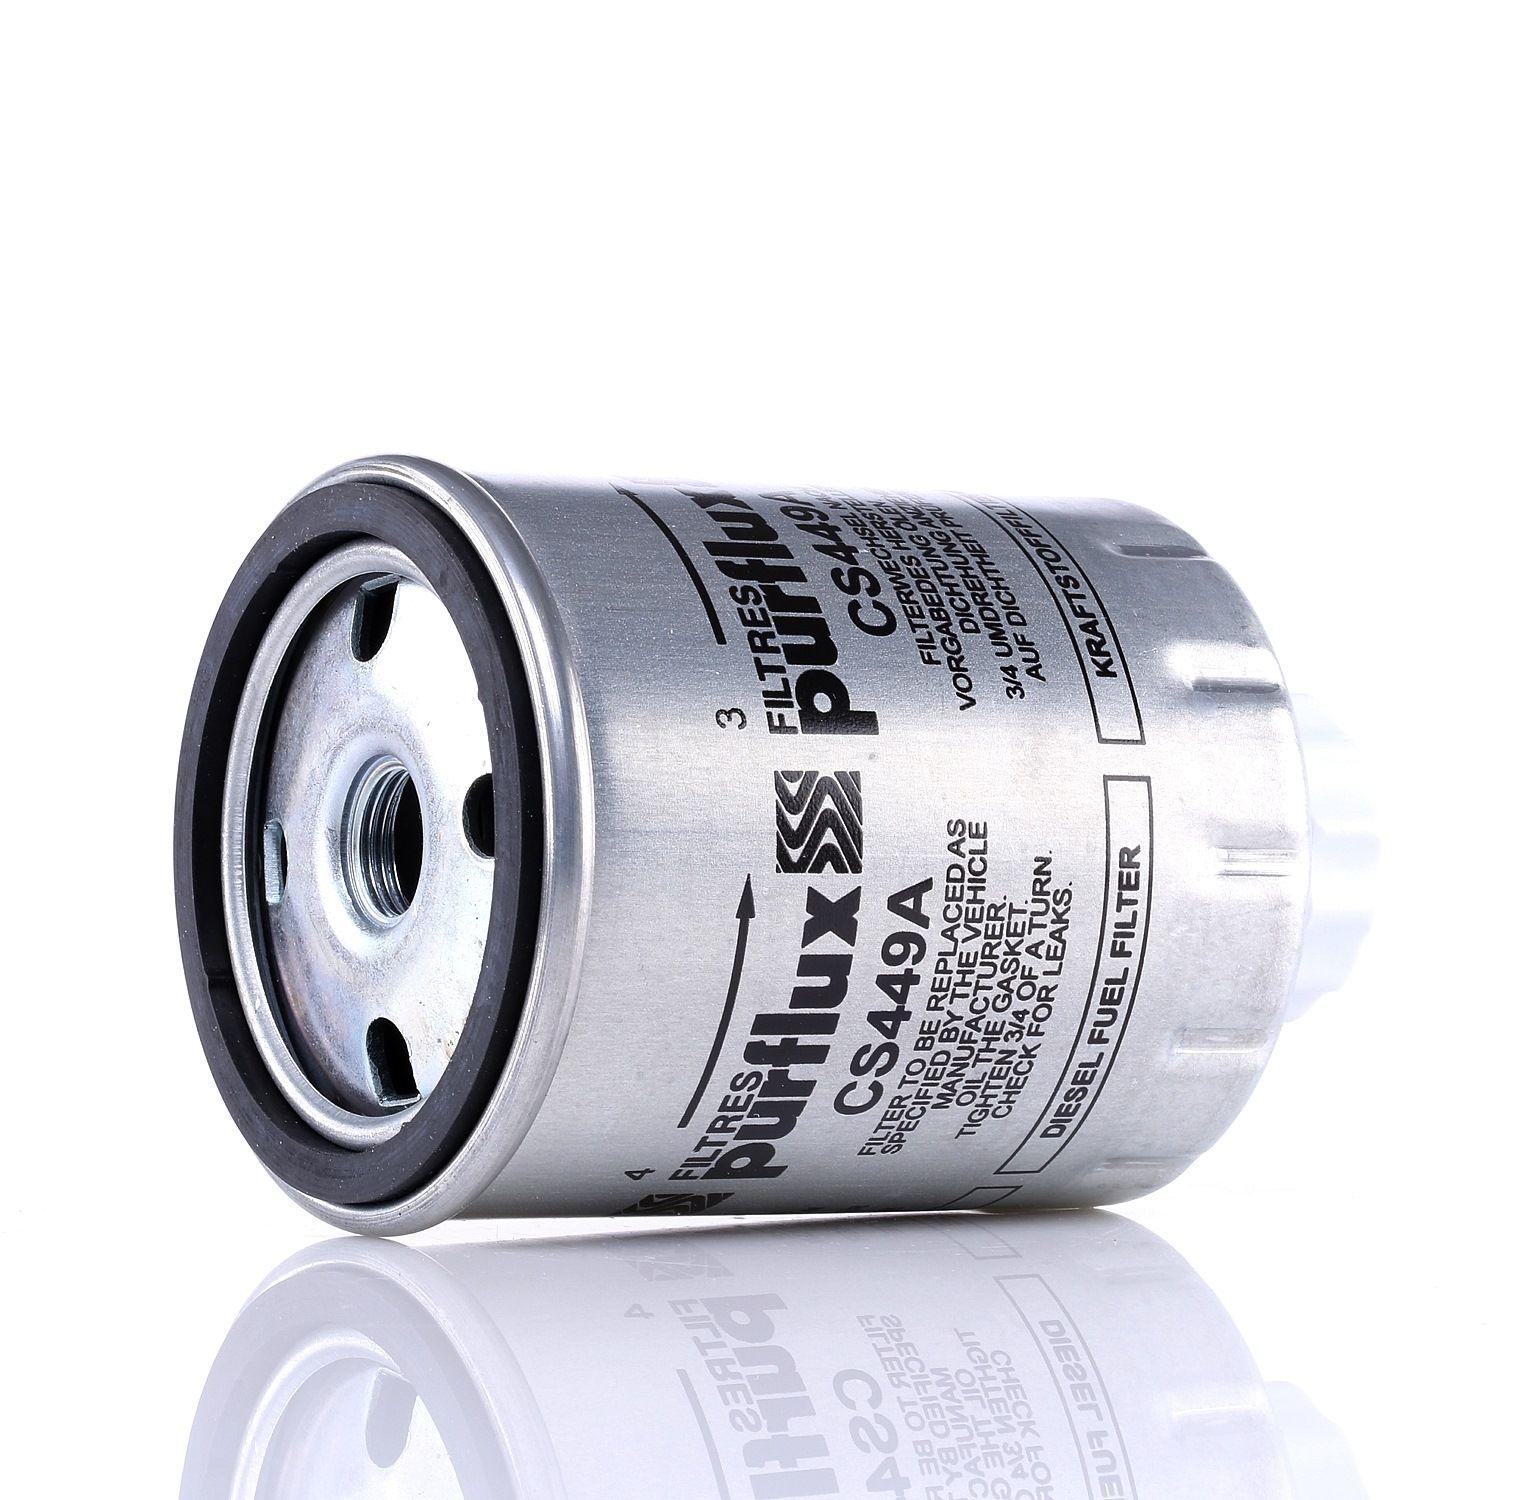 Pieces d'origine: Filtre à carburant PURFLUX CS449A (Hauteur: 122mm) - Achetez tout de suite!